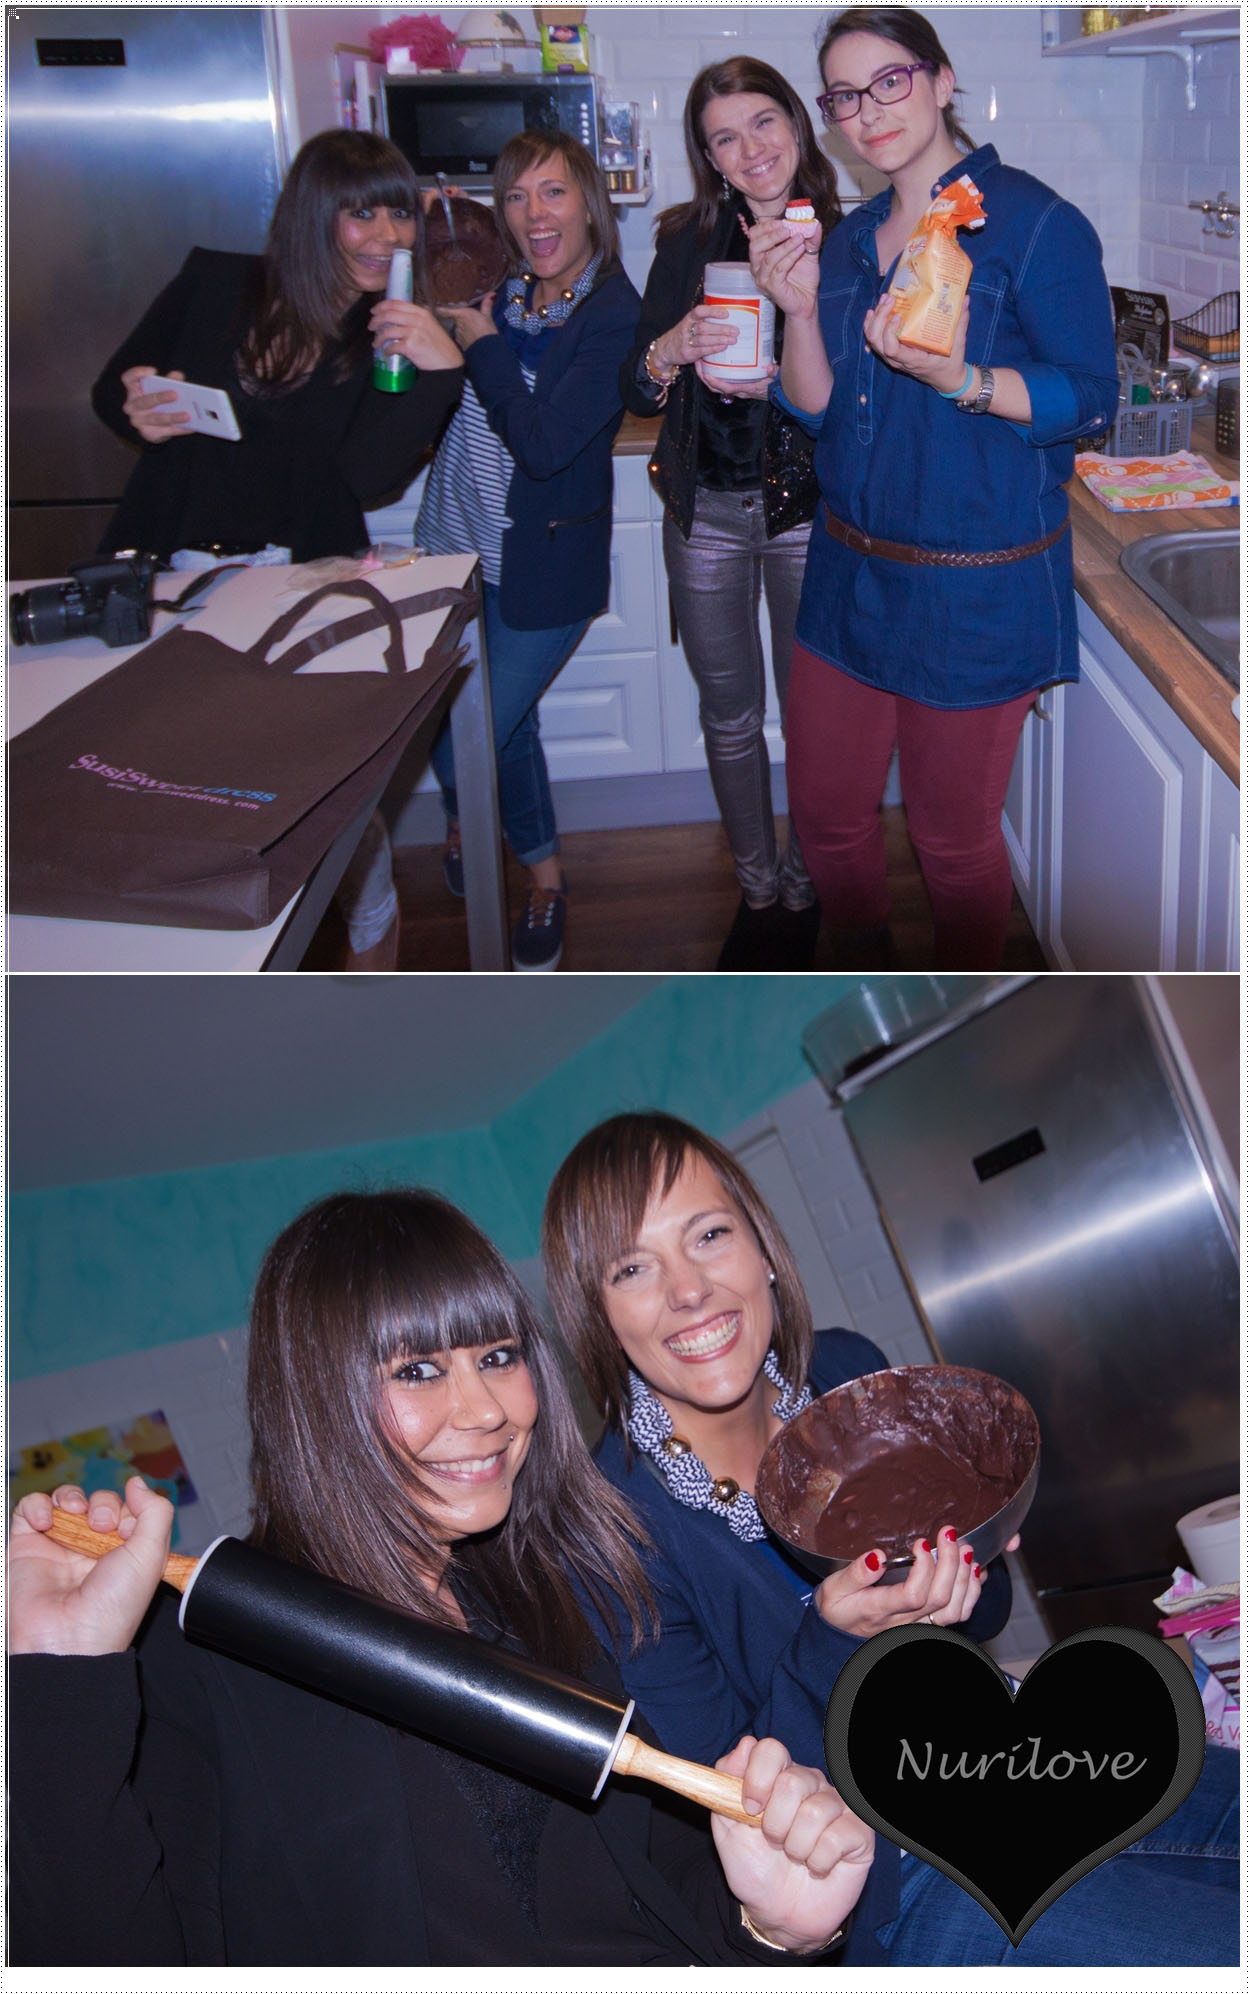 Preparando unos cupcakes